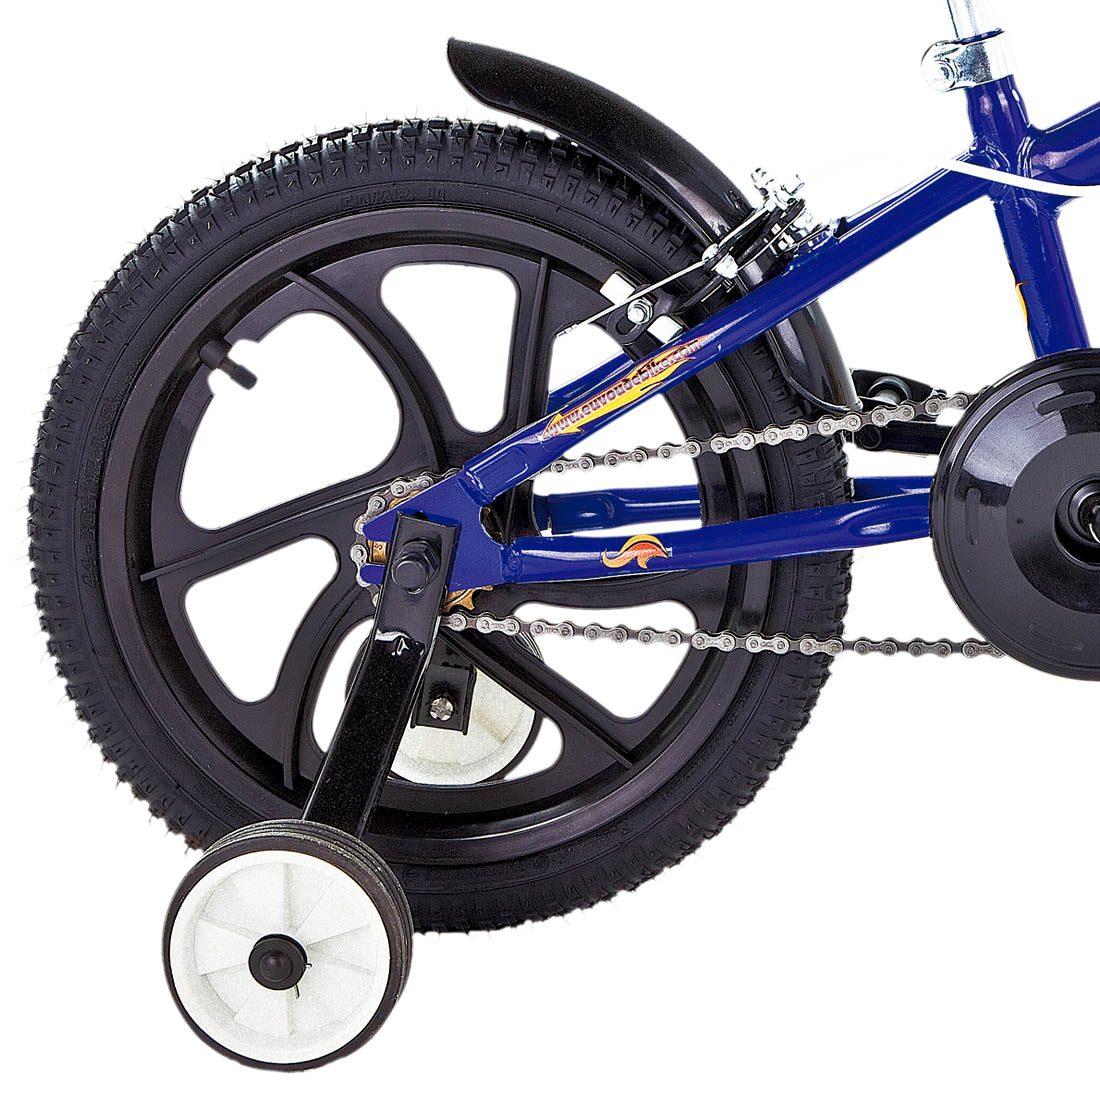 141578828 bicicleta aro 16 houston nic azul com bolsa e capacete. Carregando zoom... bicicleta  aro houston. Carregando zoom.